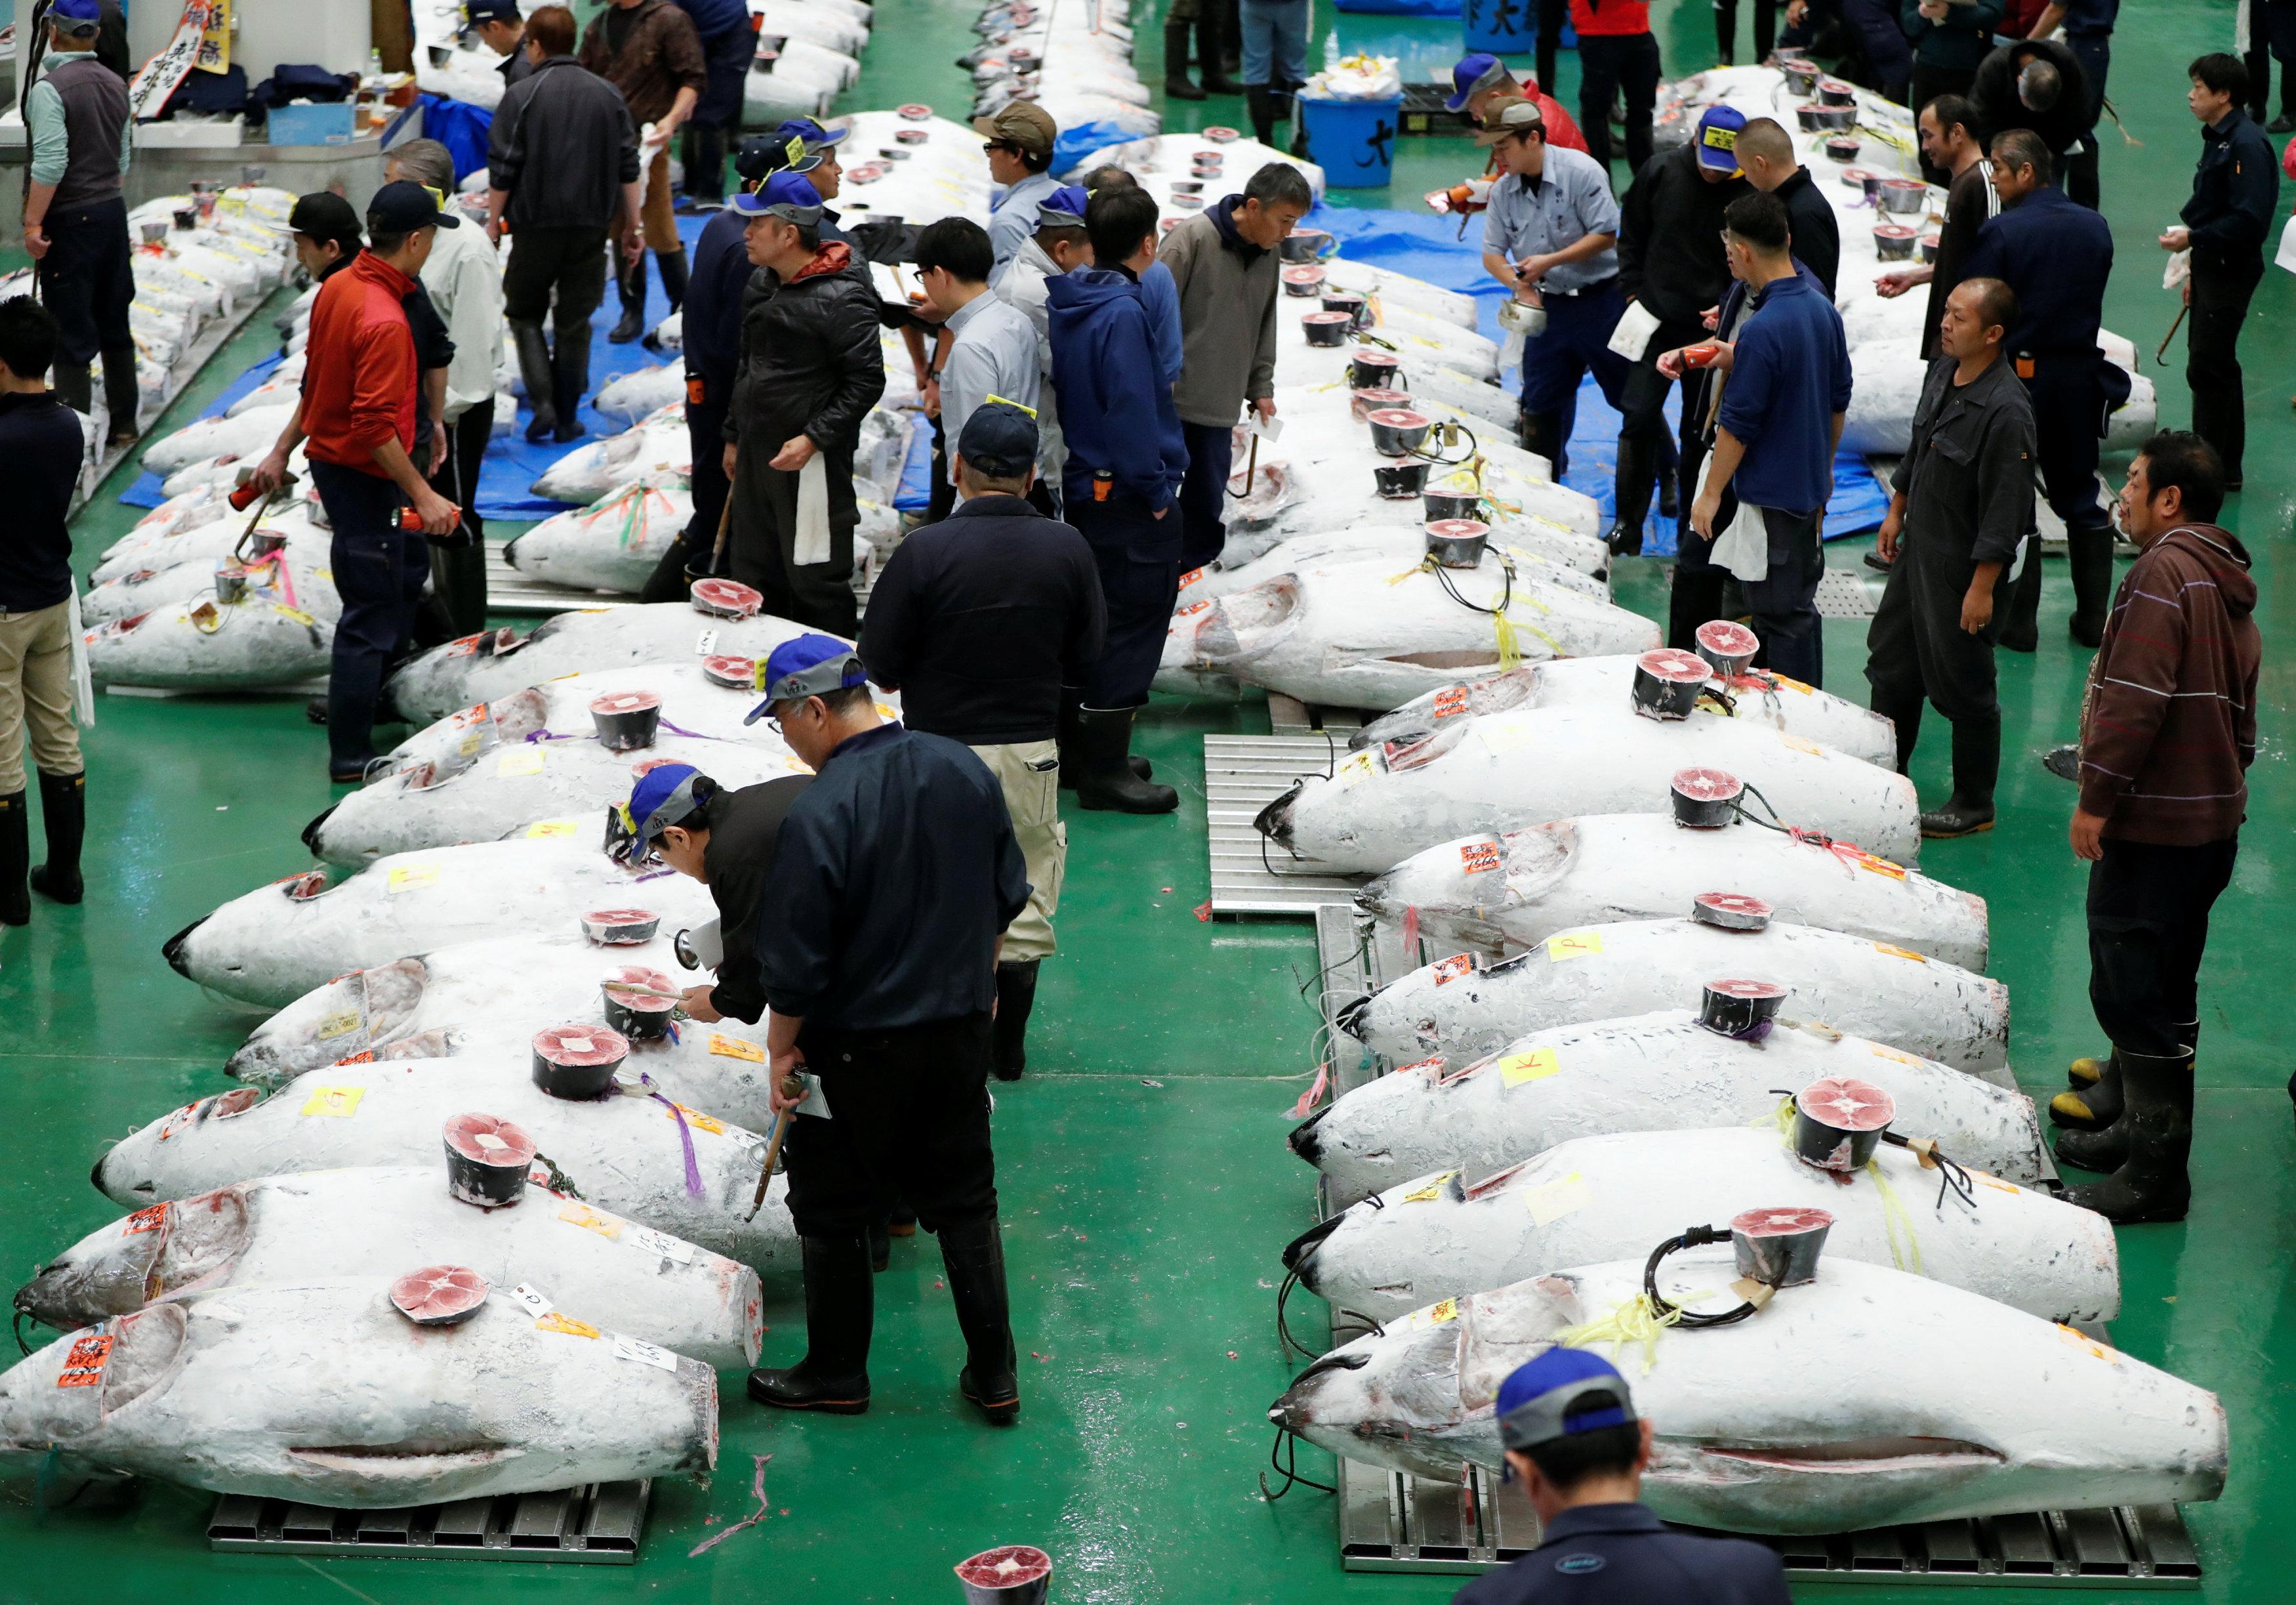 سوق أسماك فى اليابان